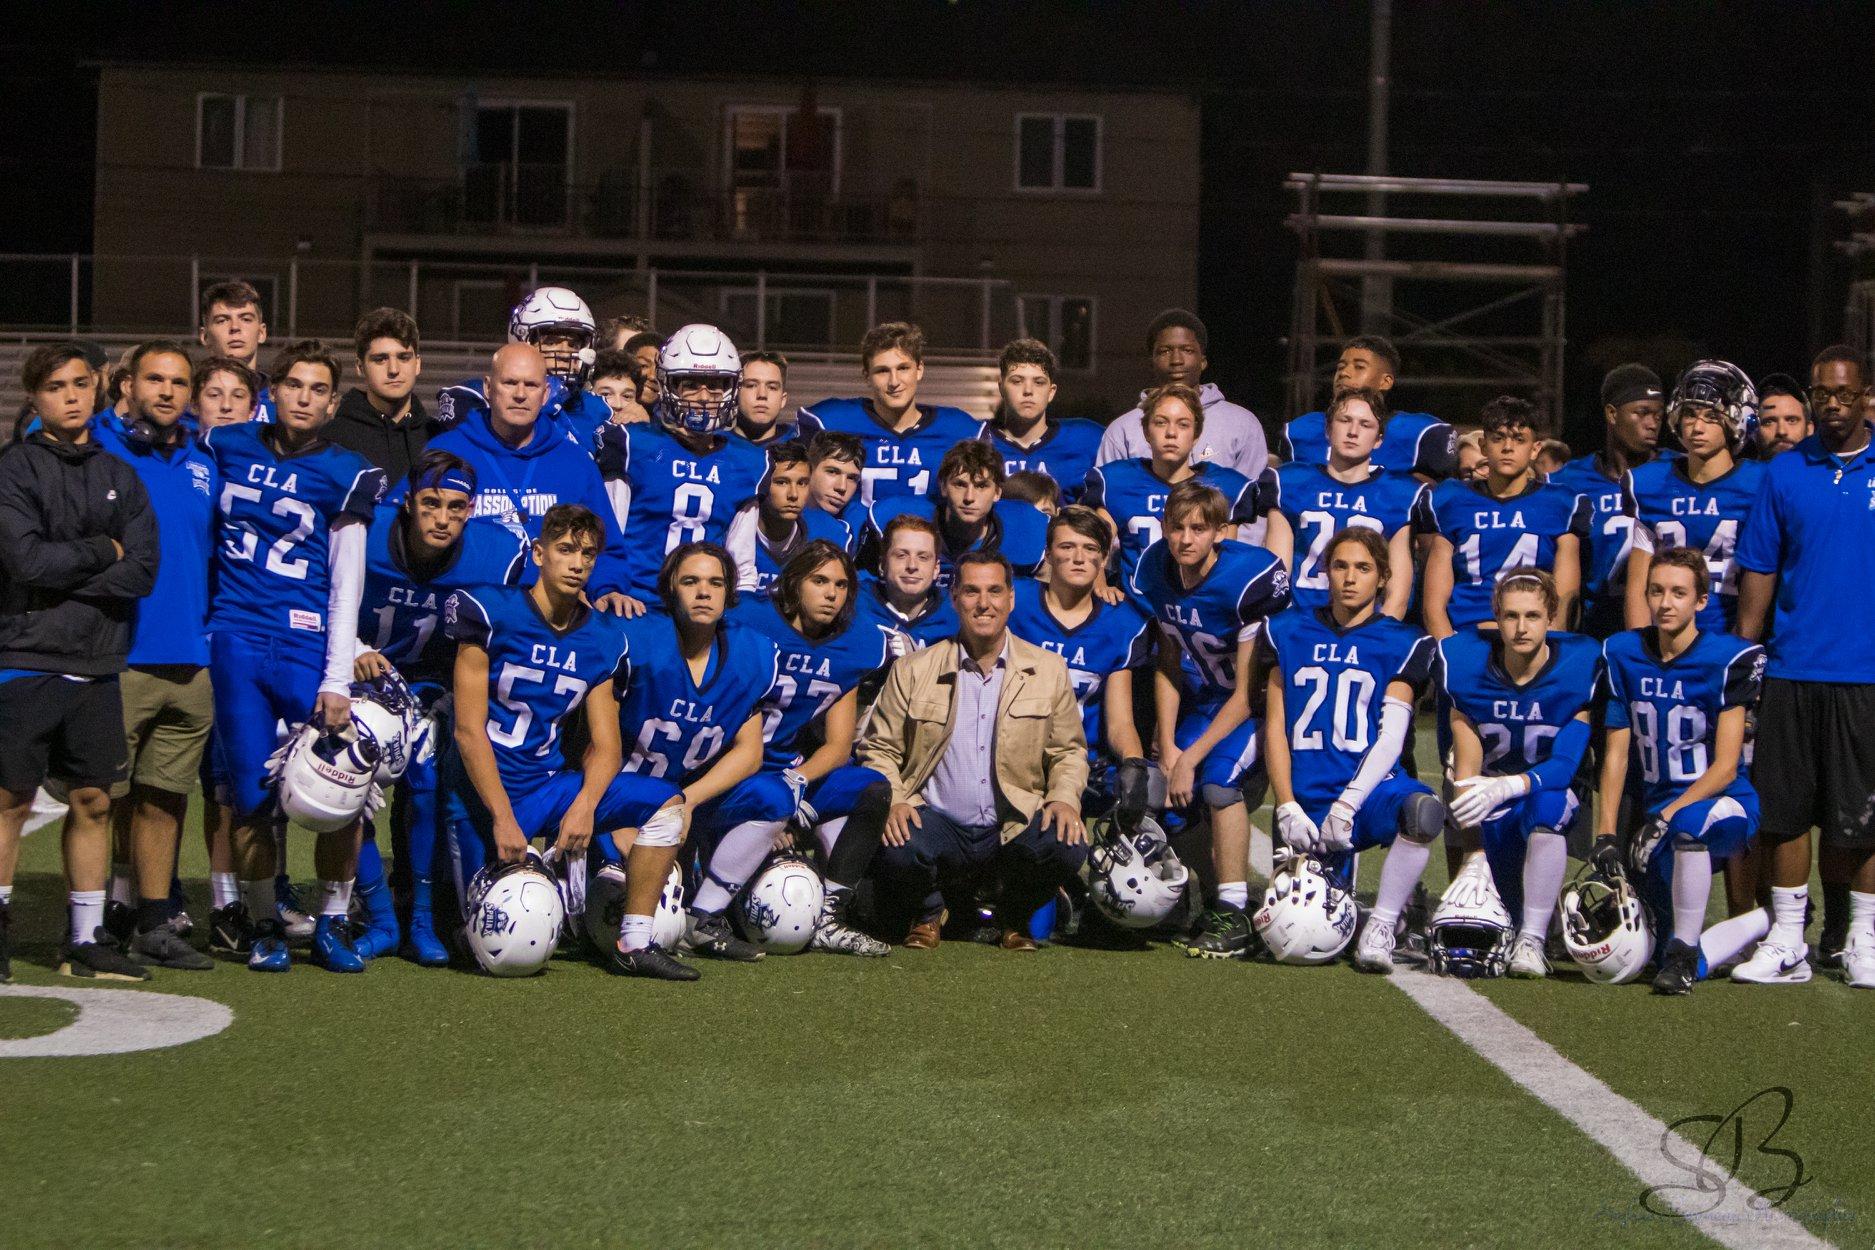 CLA football